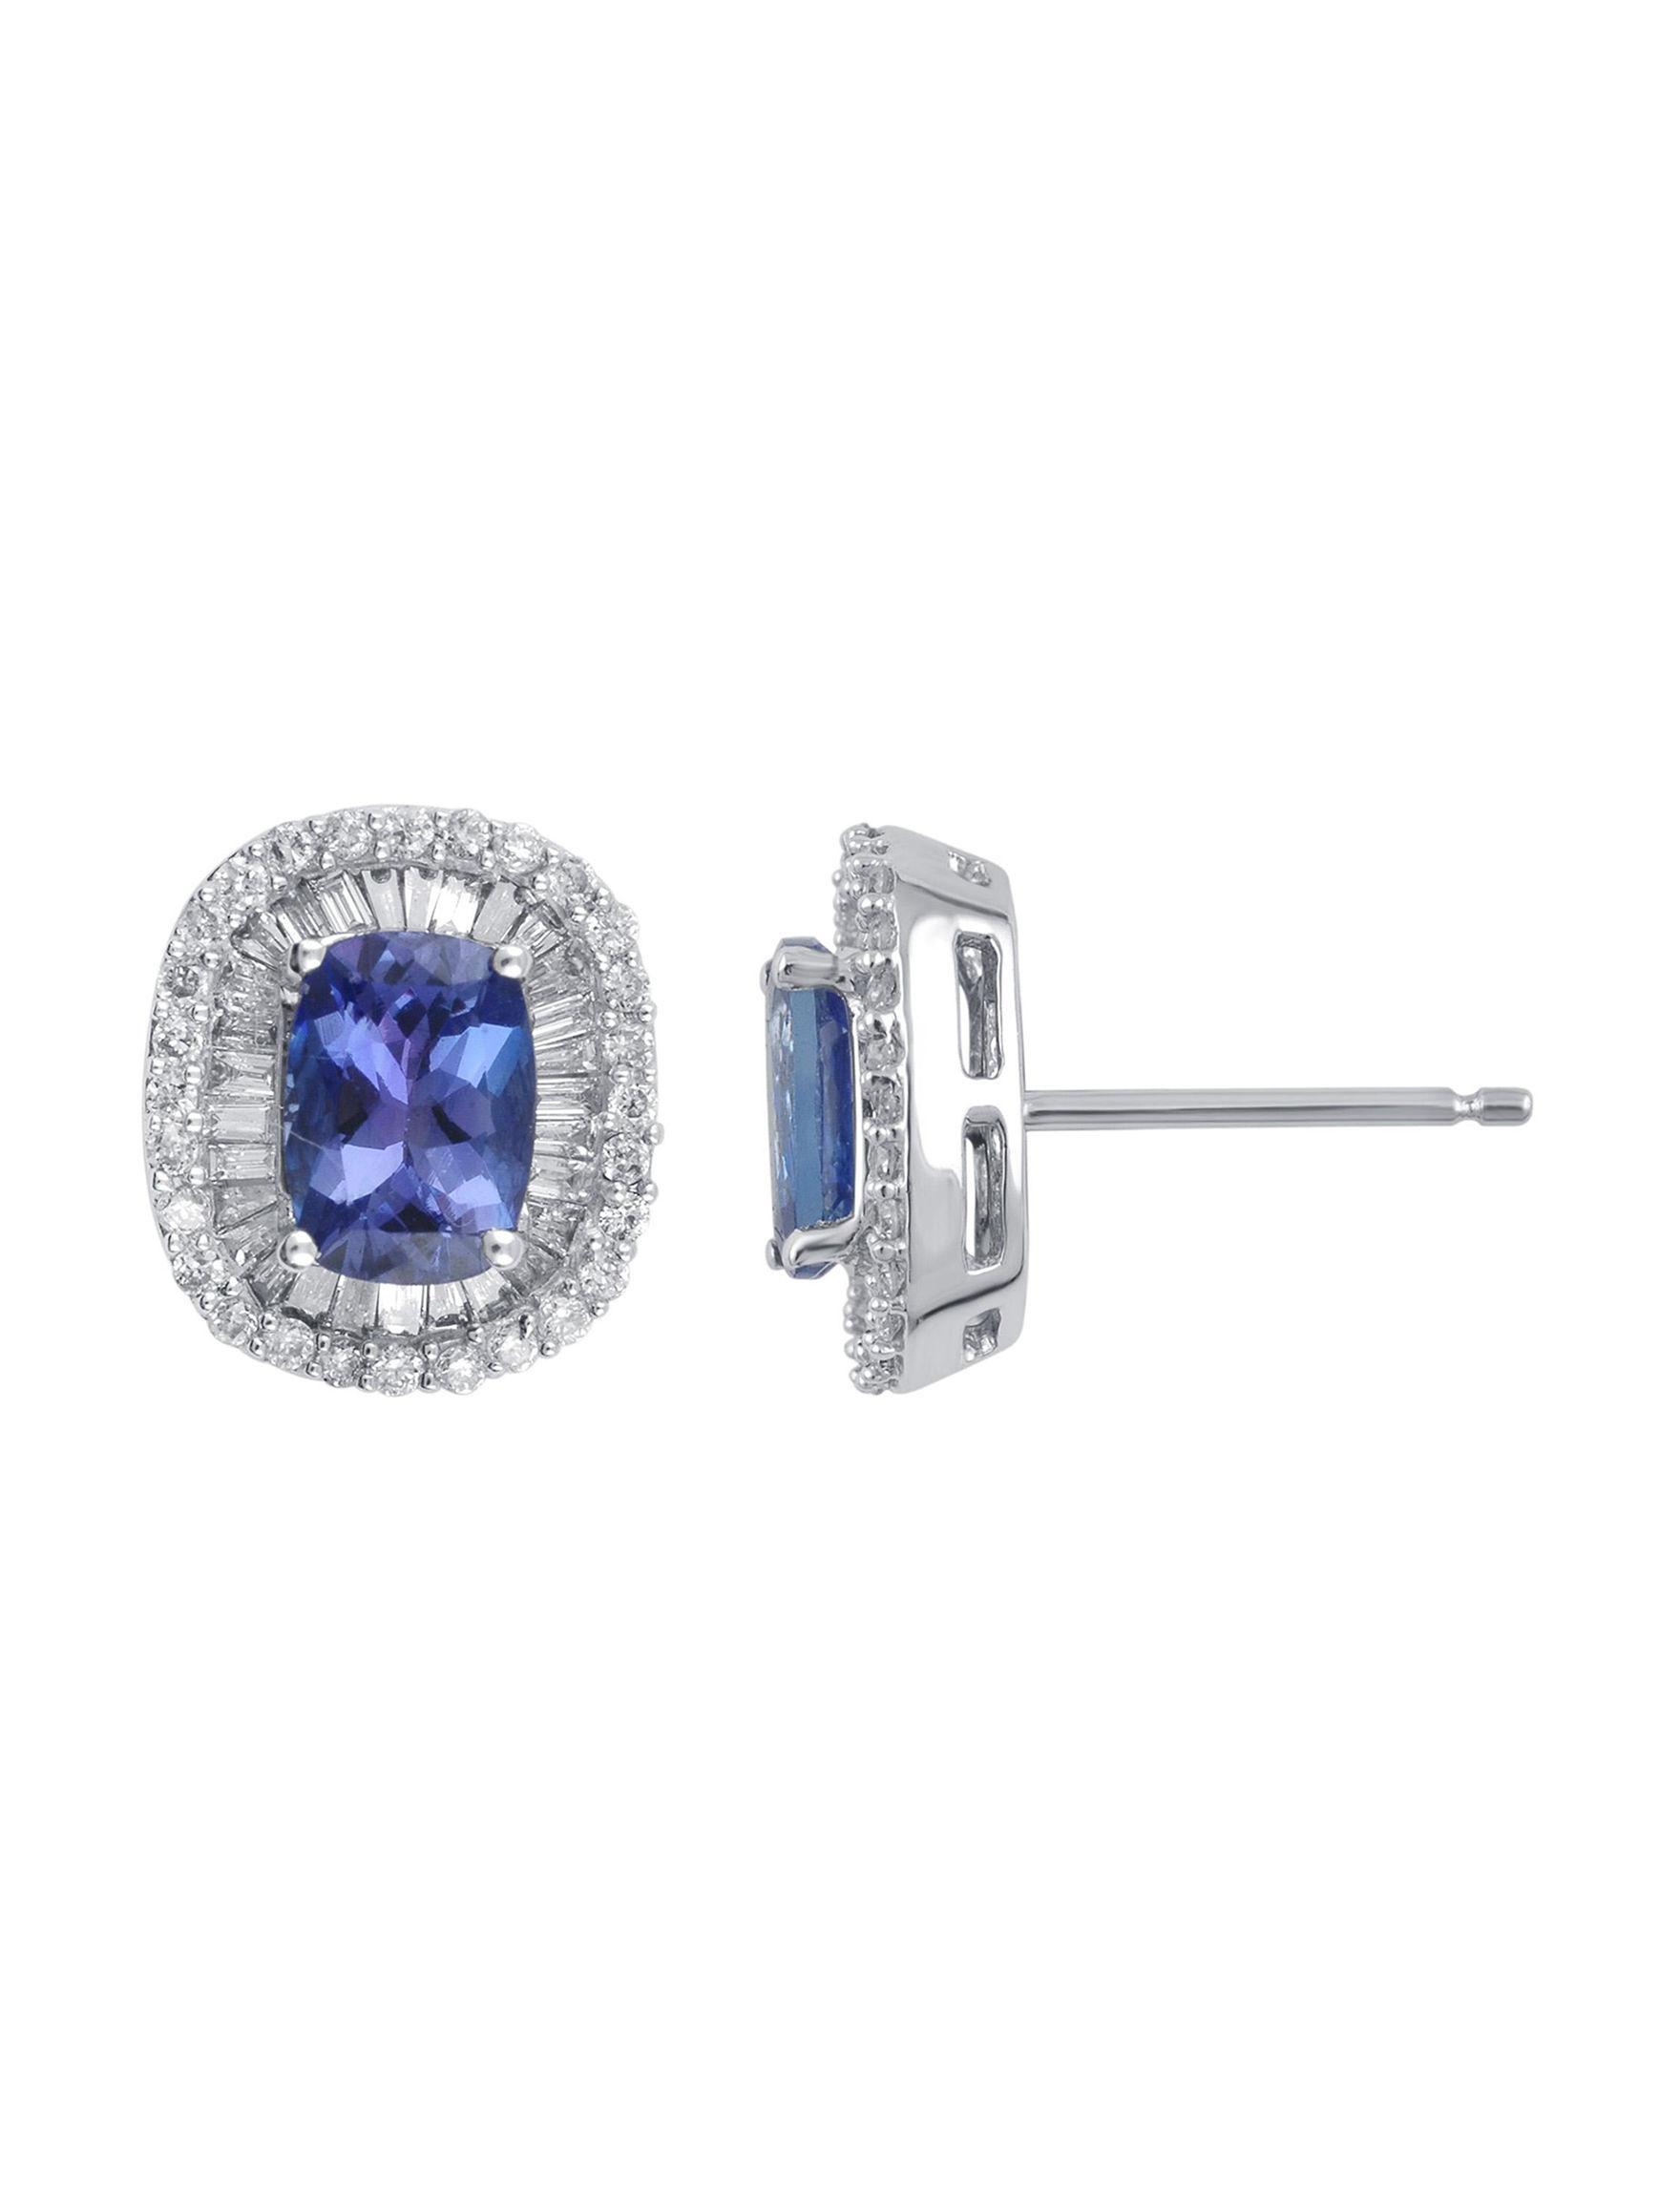 Kiran White Gold Earrings Fine Jewelry